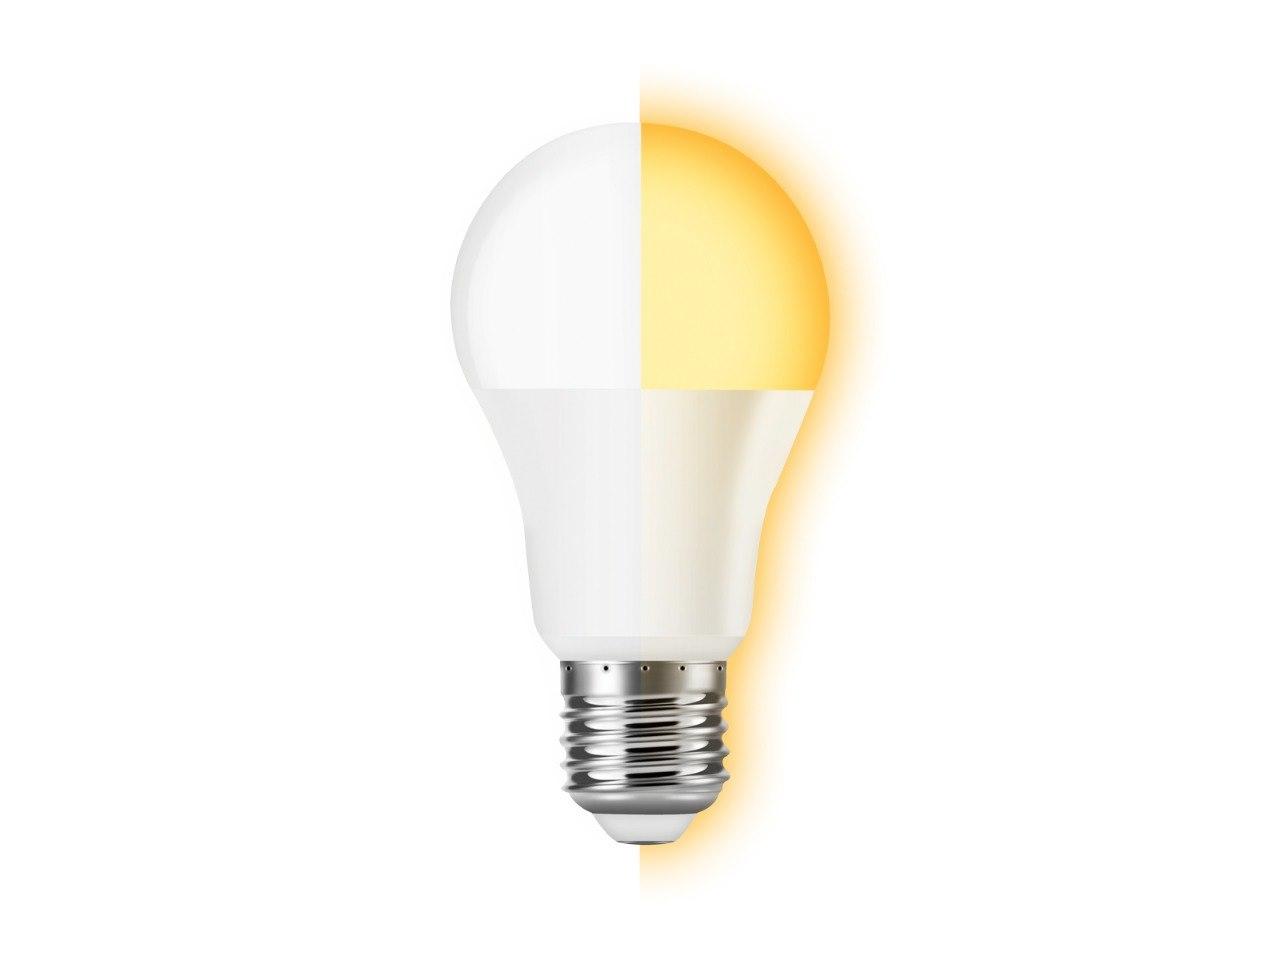 White,Light bulb,Lighting,Incandescent light bulb,Light